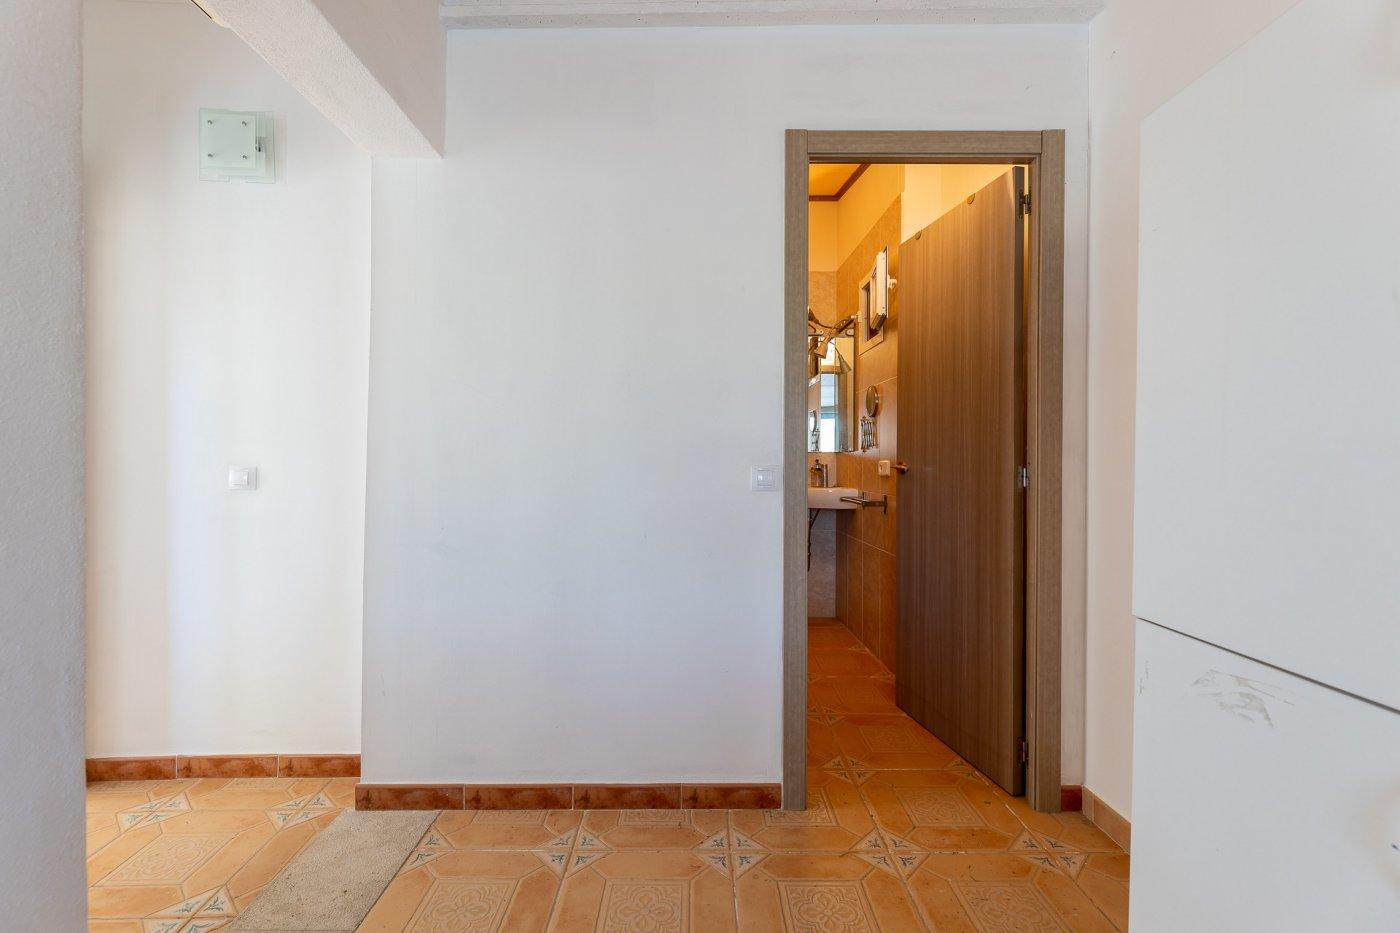 Encantadora finca rÚstica con casa de invitados  en marratxinet - imagenInmueble29